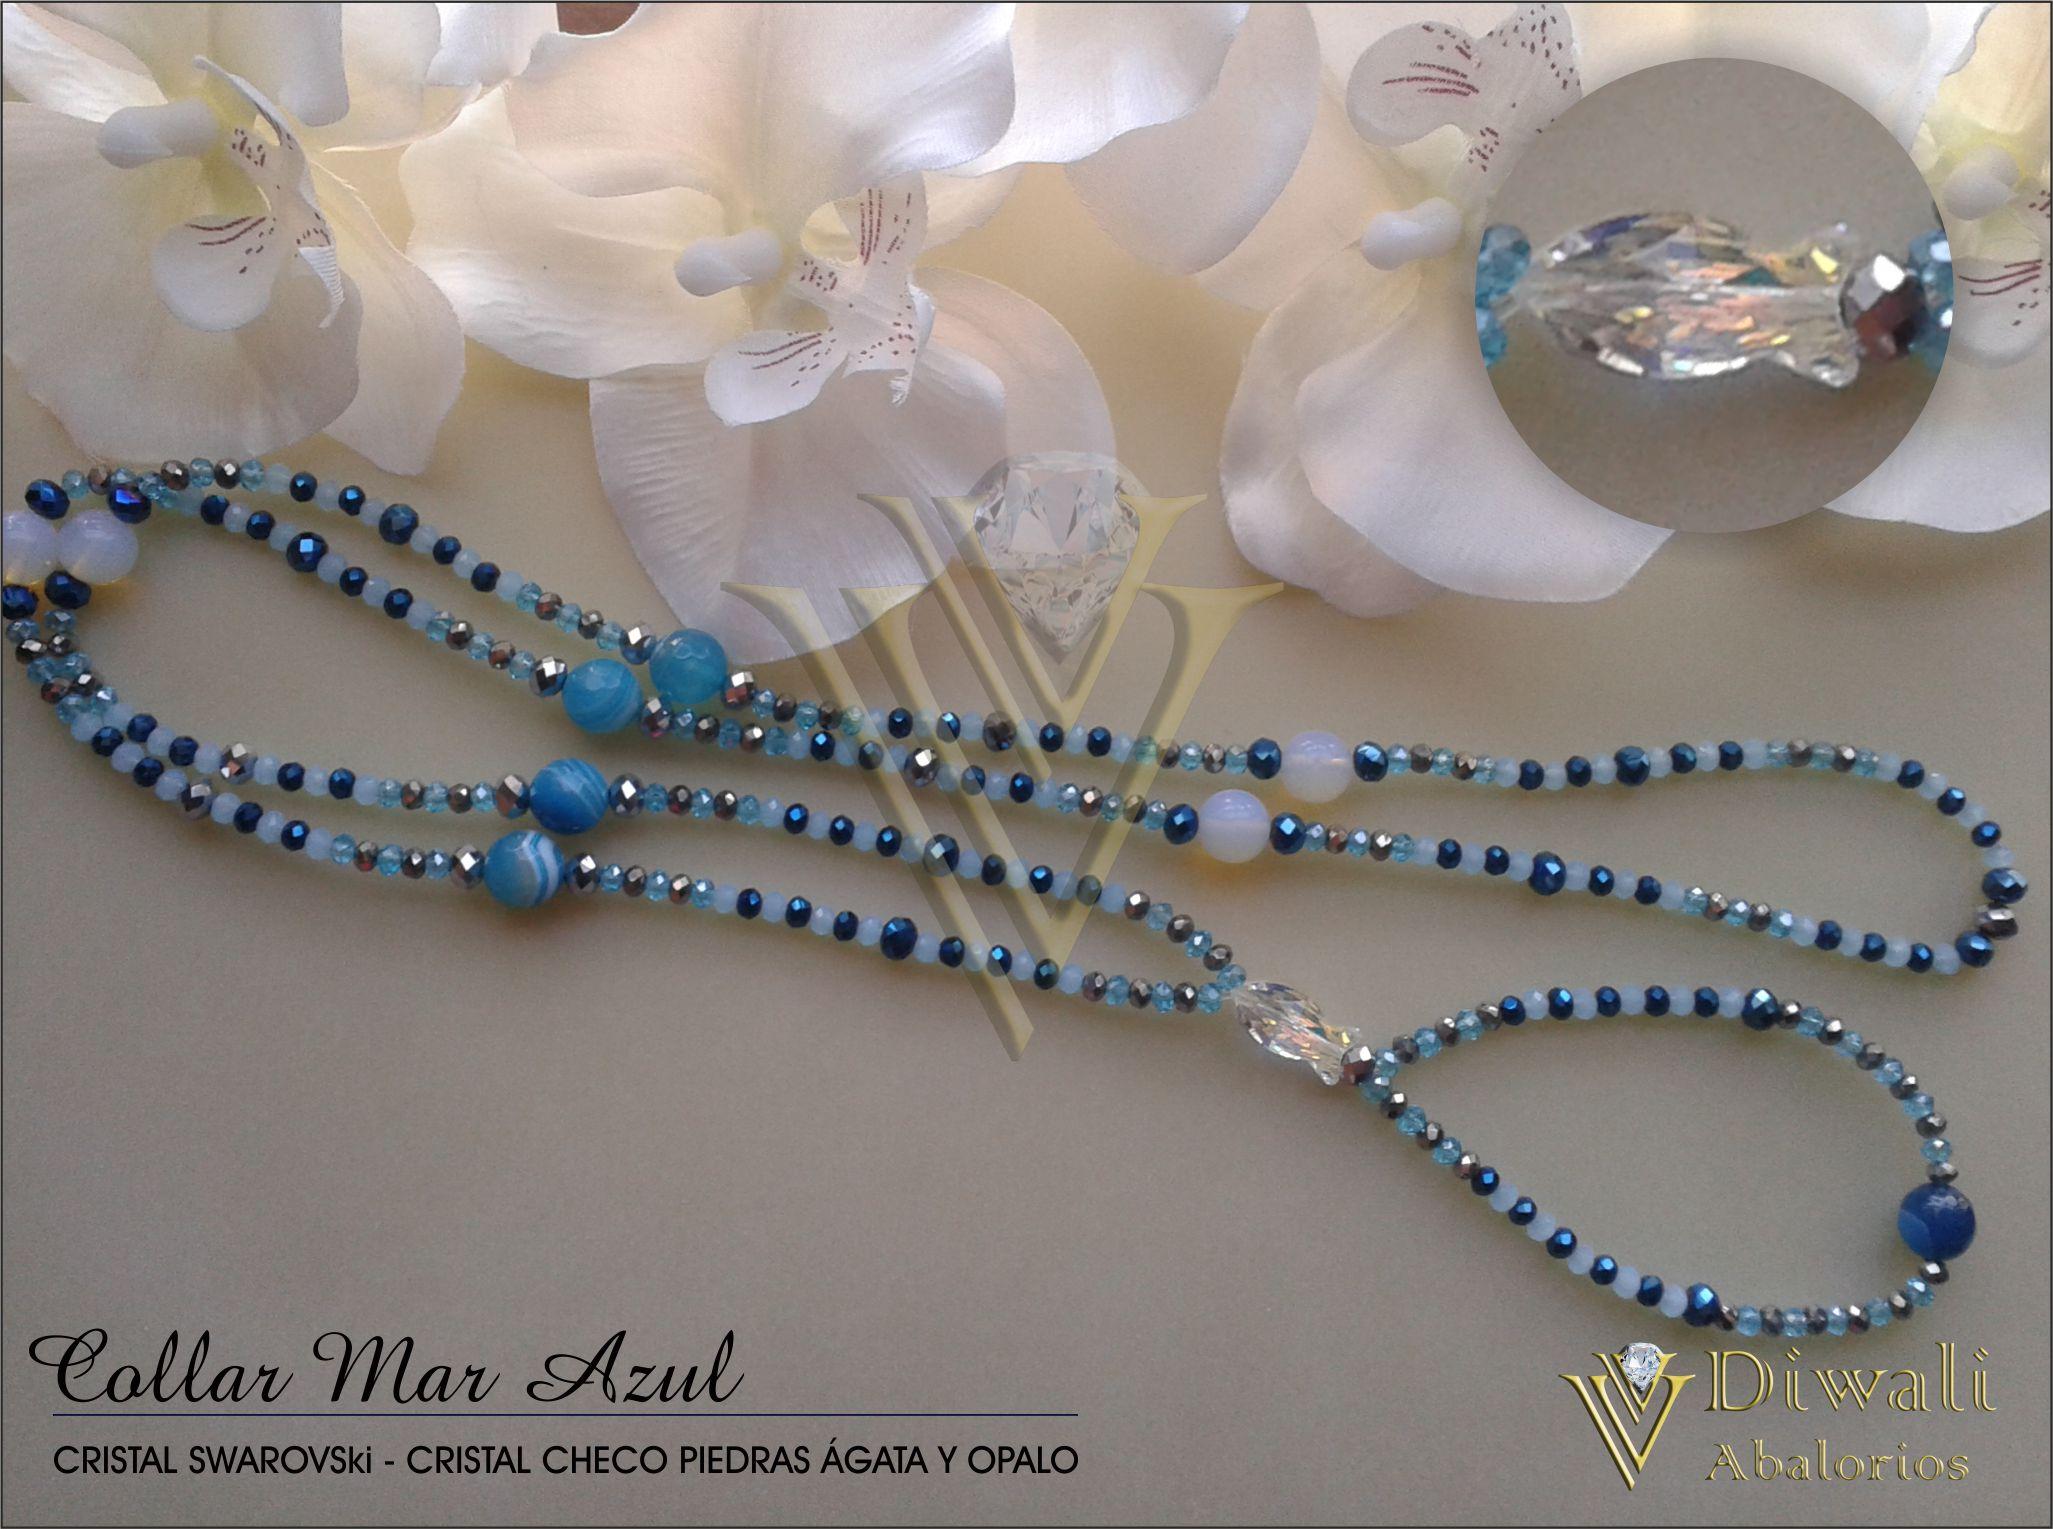 Colllar Mar Azul